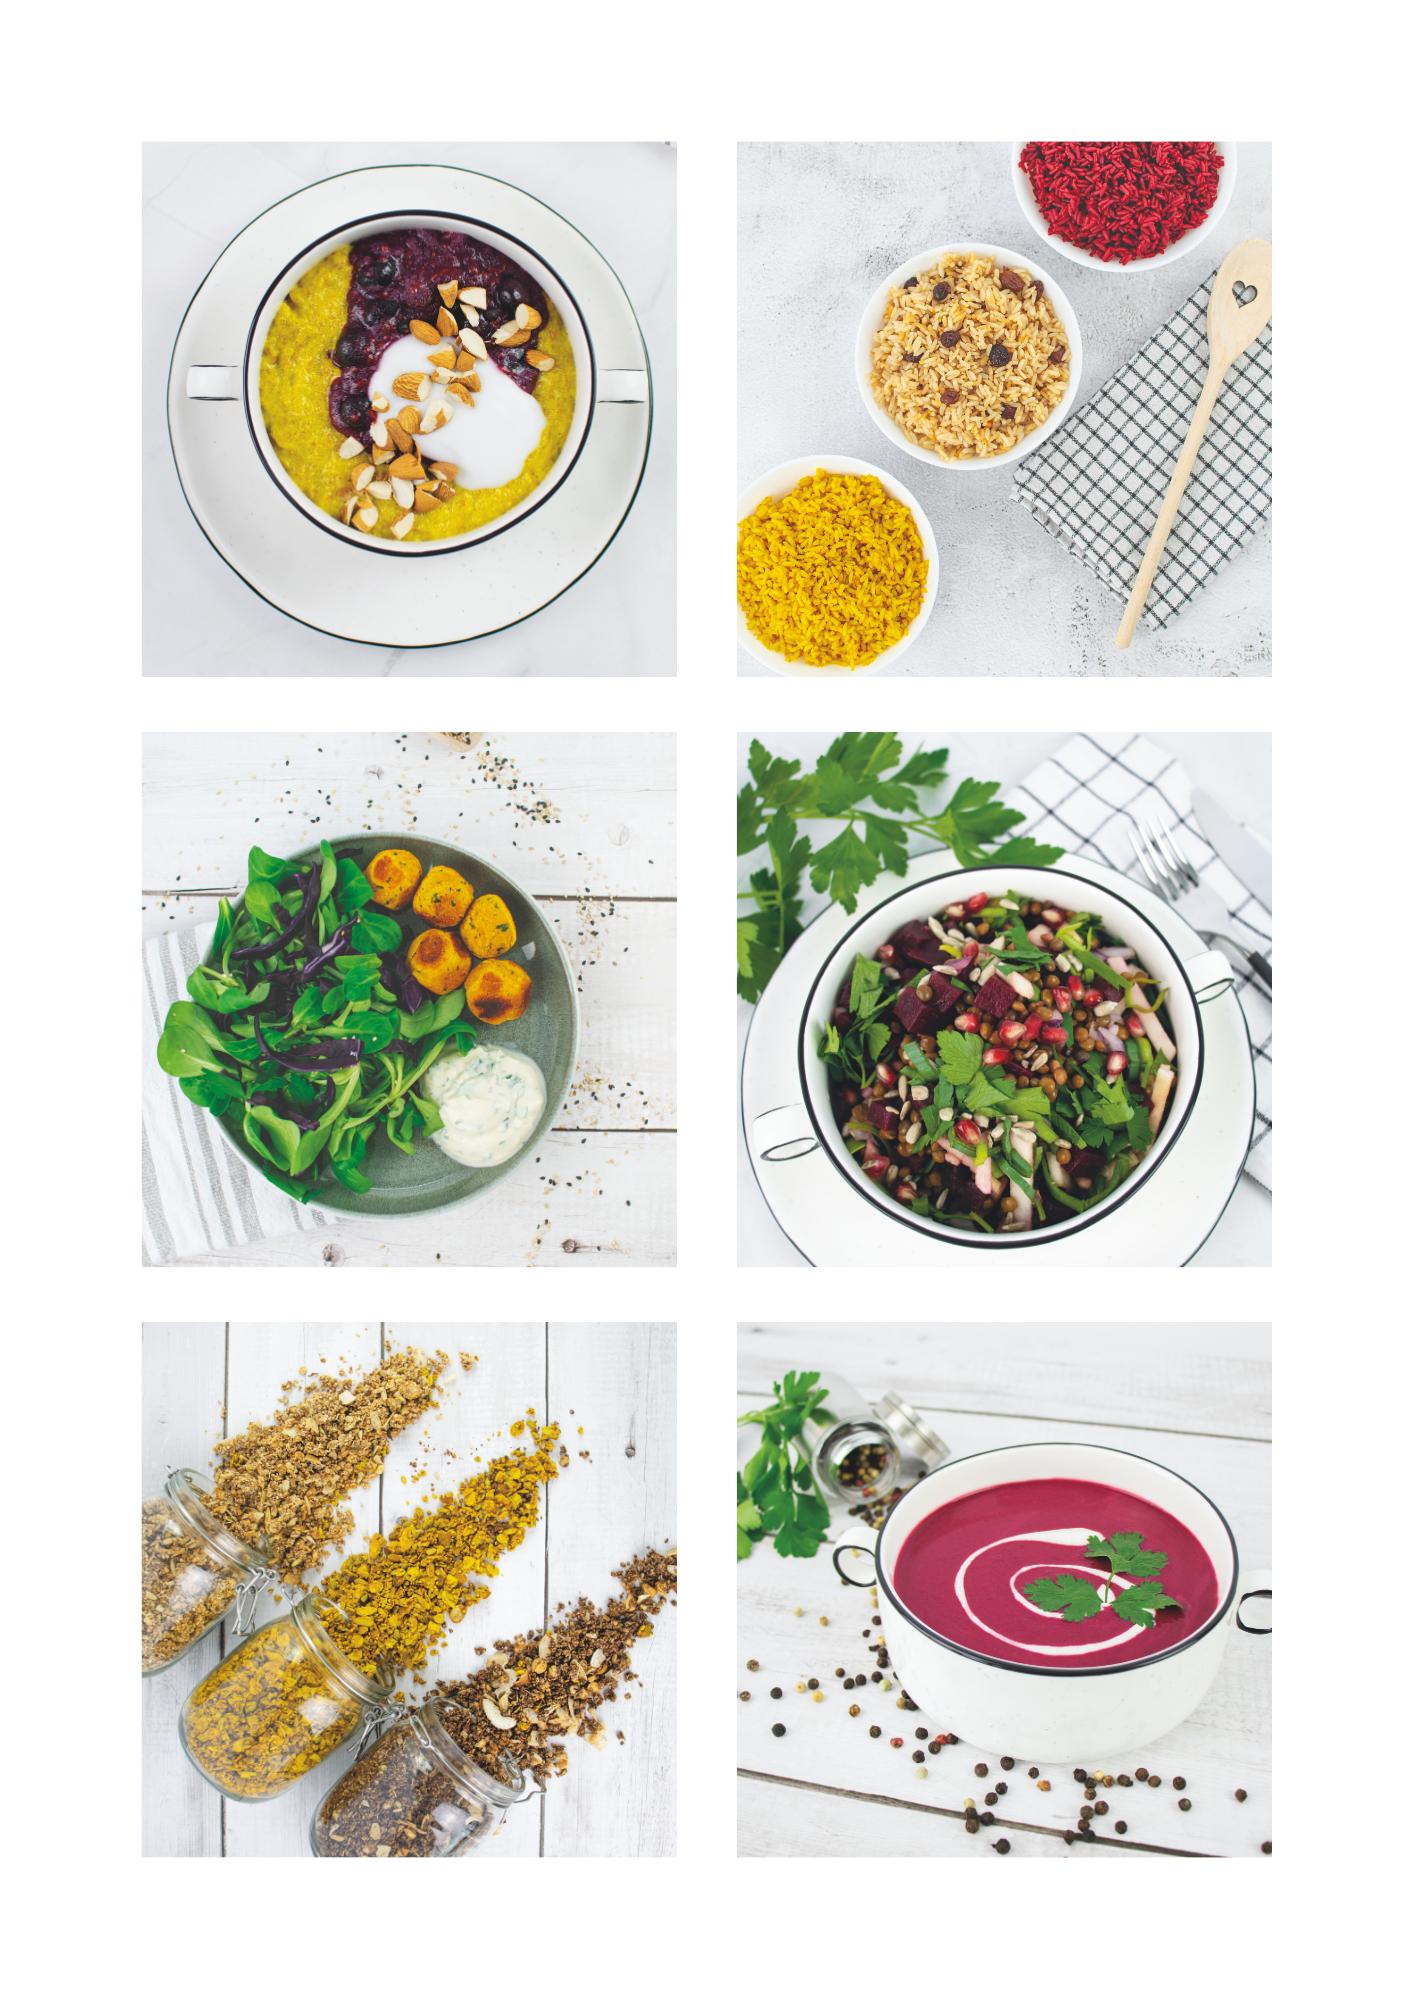 jb health concepts, 978-3-00-068038-0 Rezepte, Antientzündliche Ernährung leicht gemacht, Ratgeber